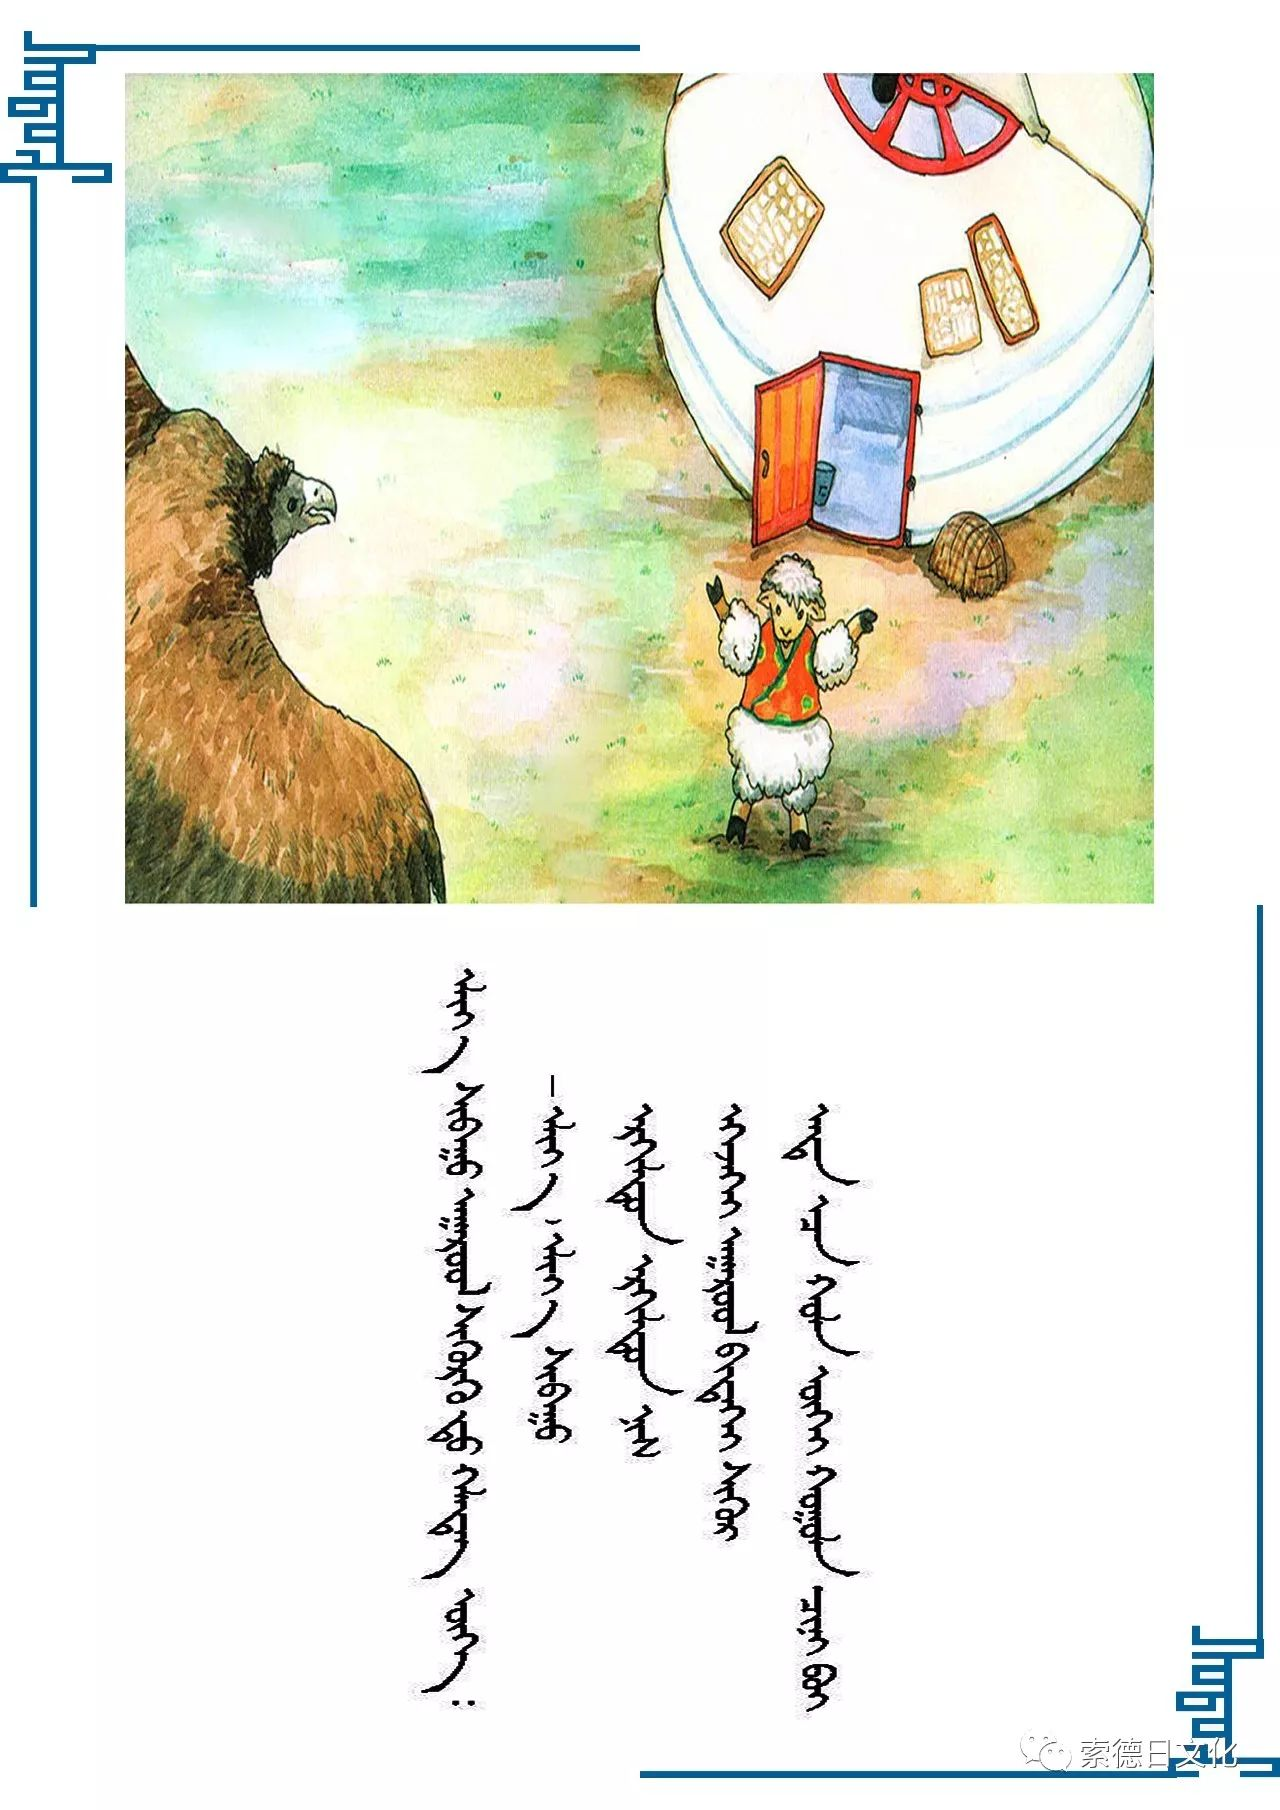 蒙古欢悦词 — 插图版 第9张 蒙古欢悦词 — 插图版 蒙古文库